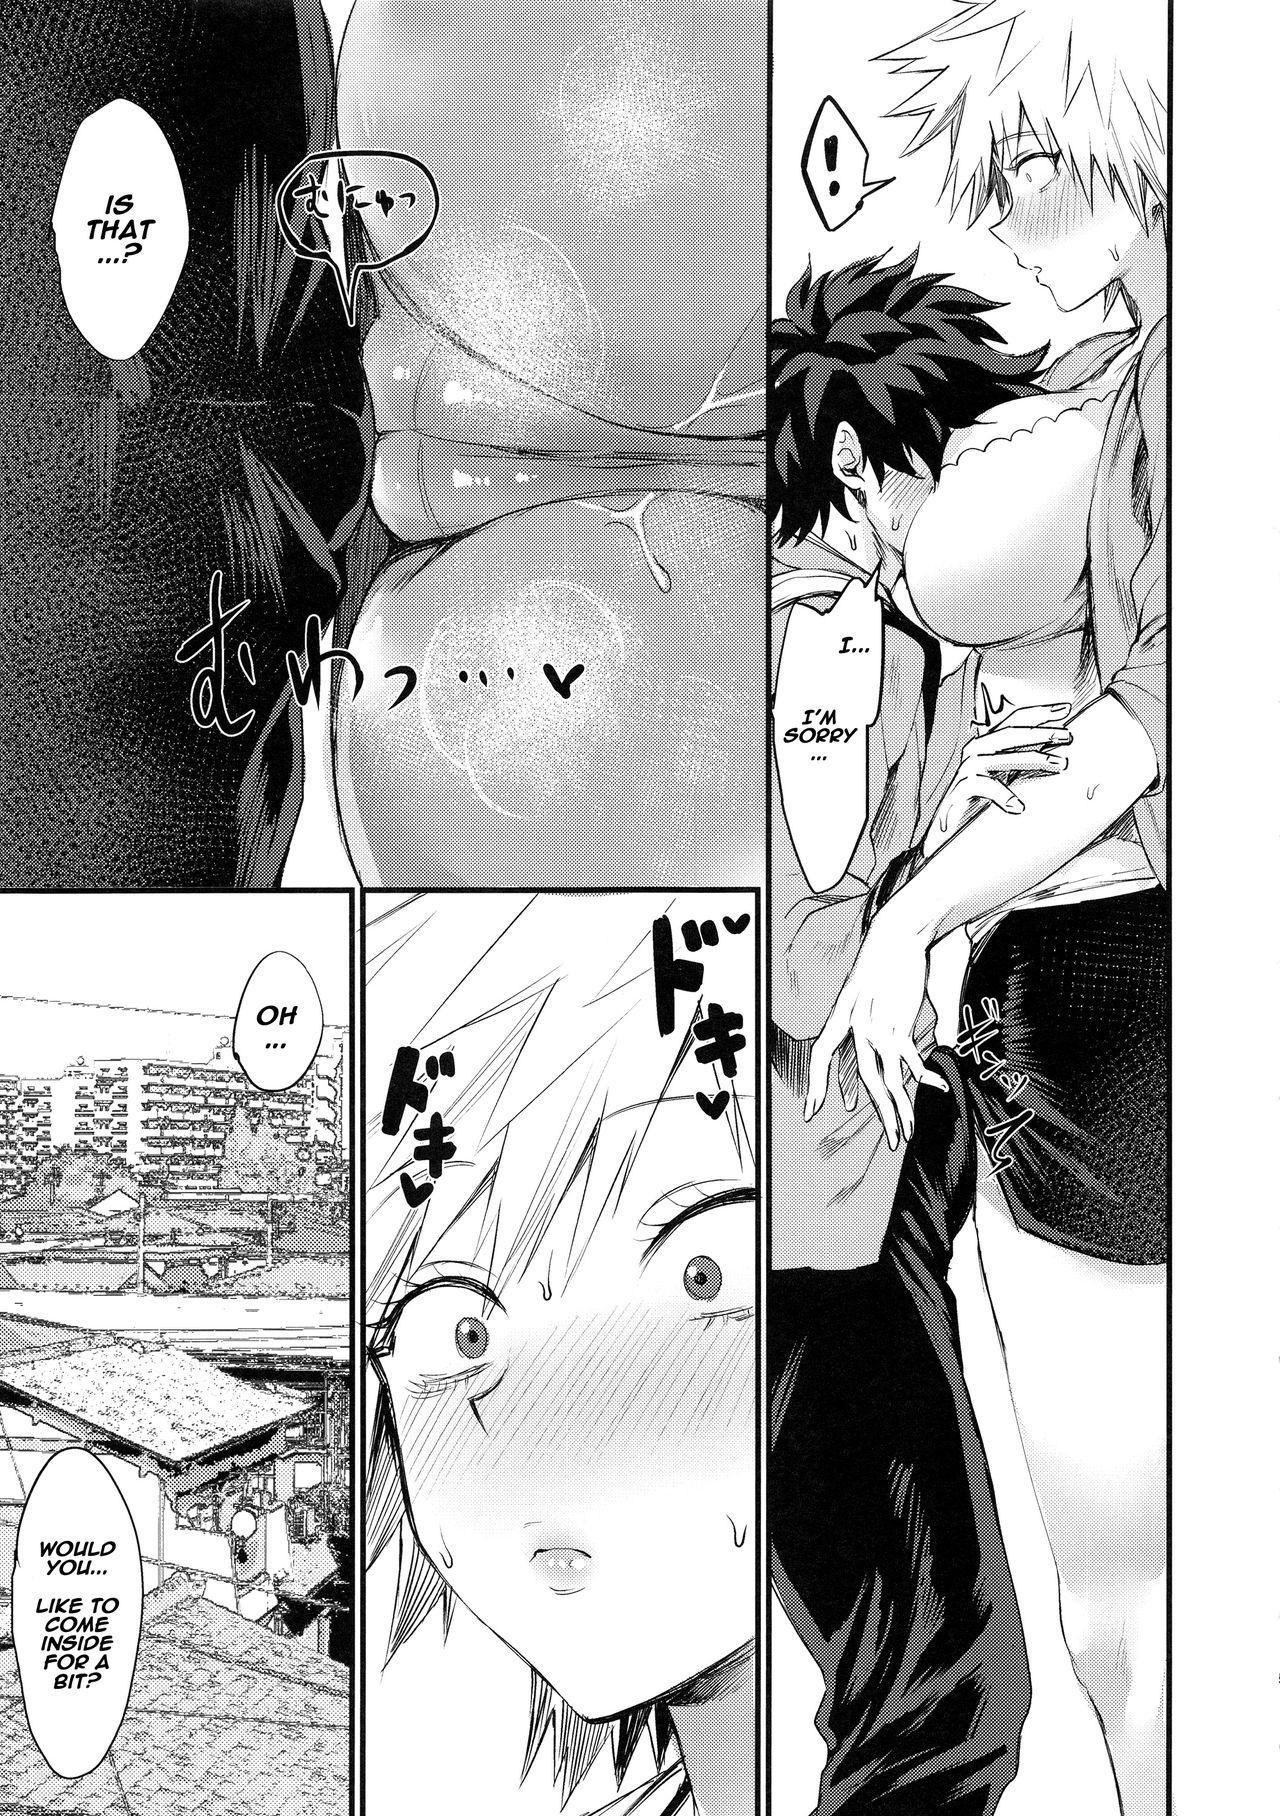 Mitsuki-san no Bosei ni Oshitsubusaresou desu 3